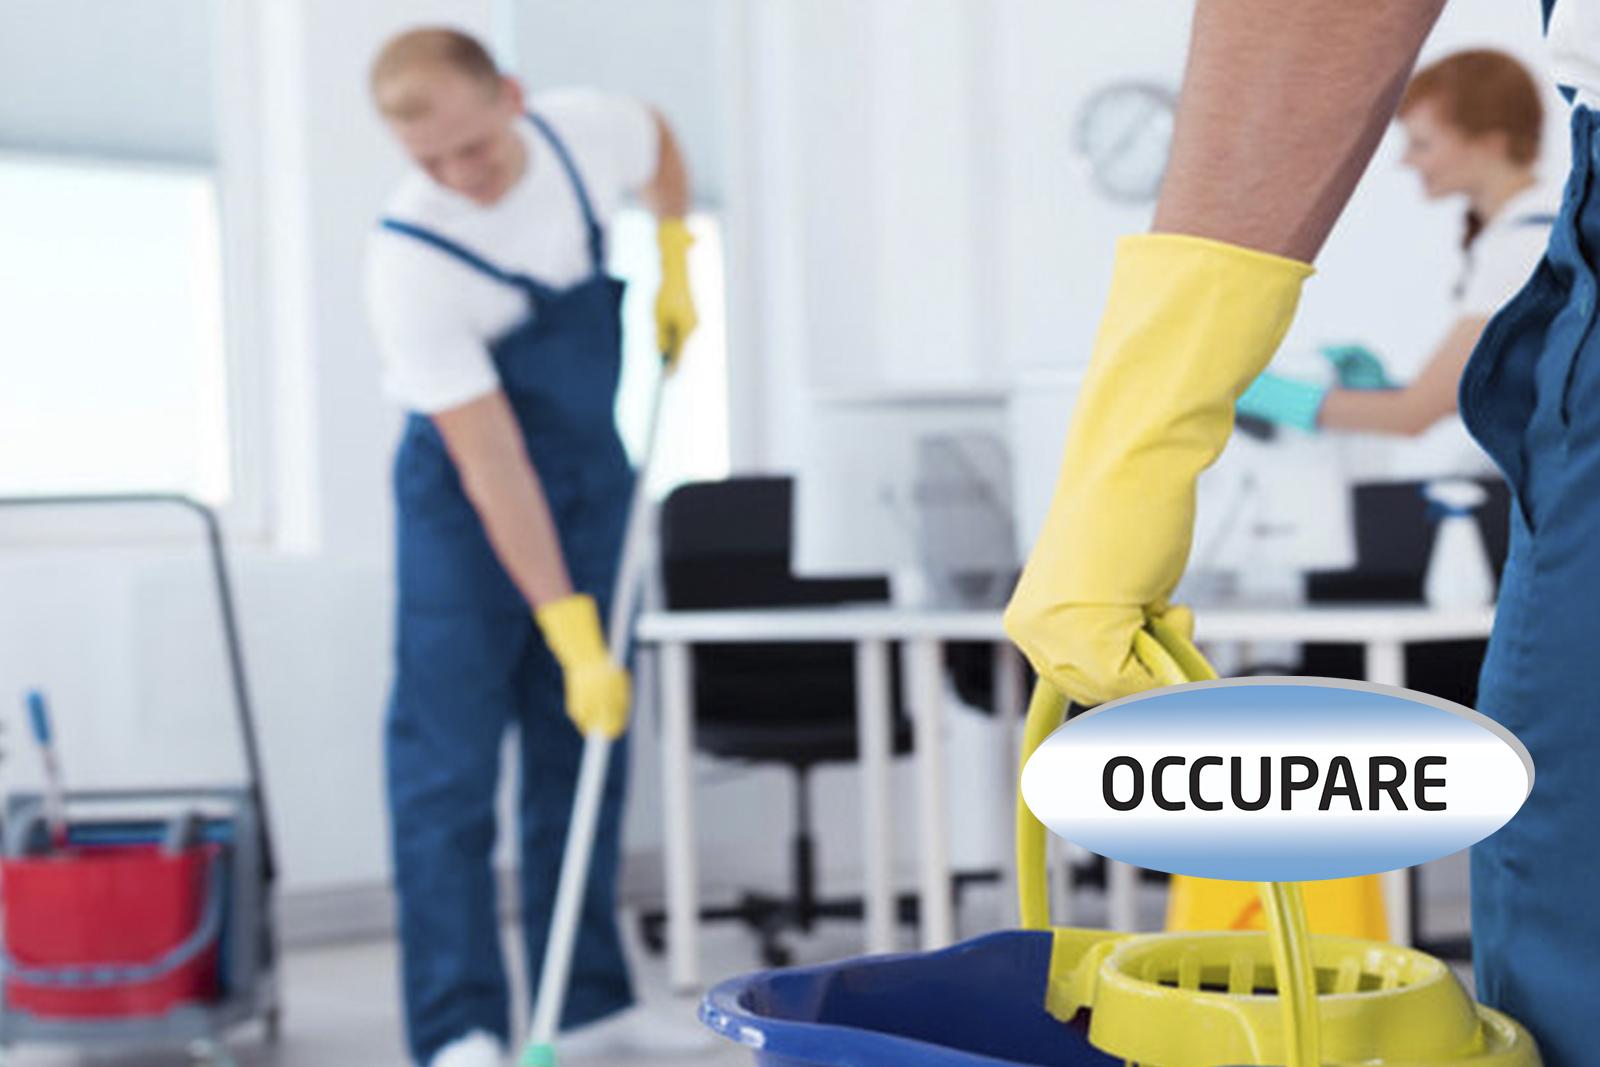 NR-24 – Condições de Higiene e Conforto nos Locais de Trabalho